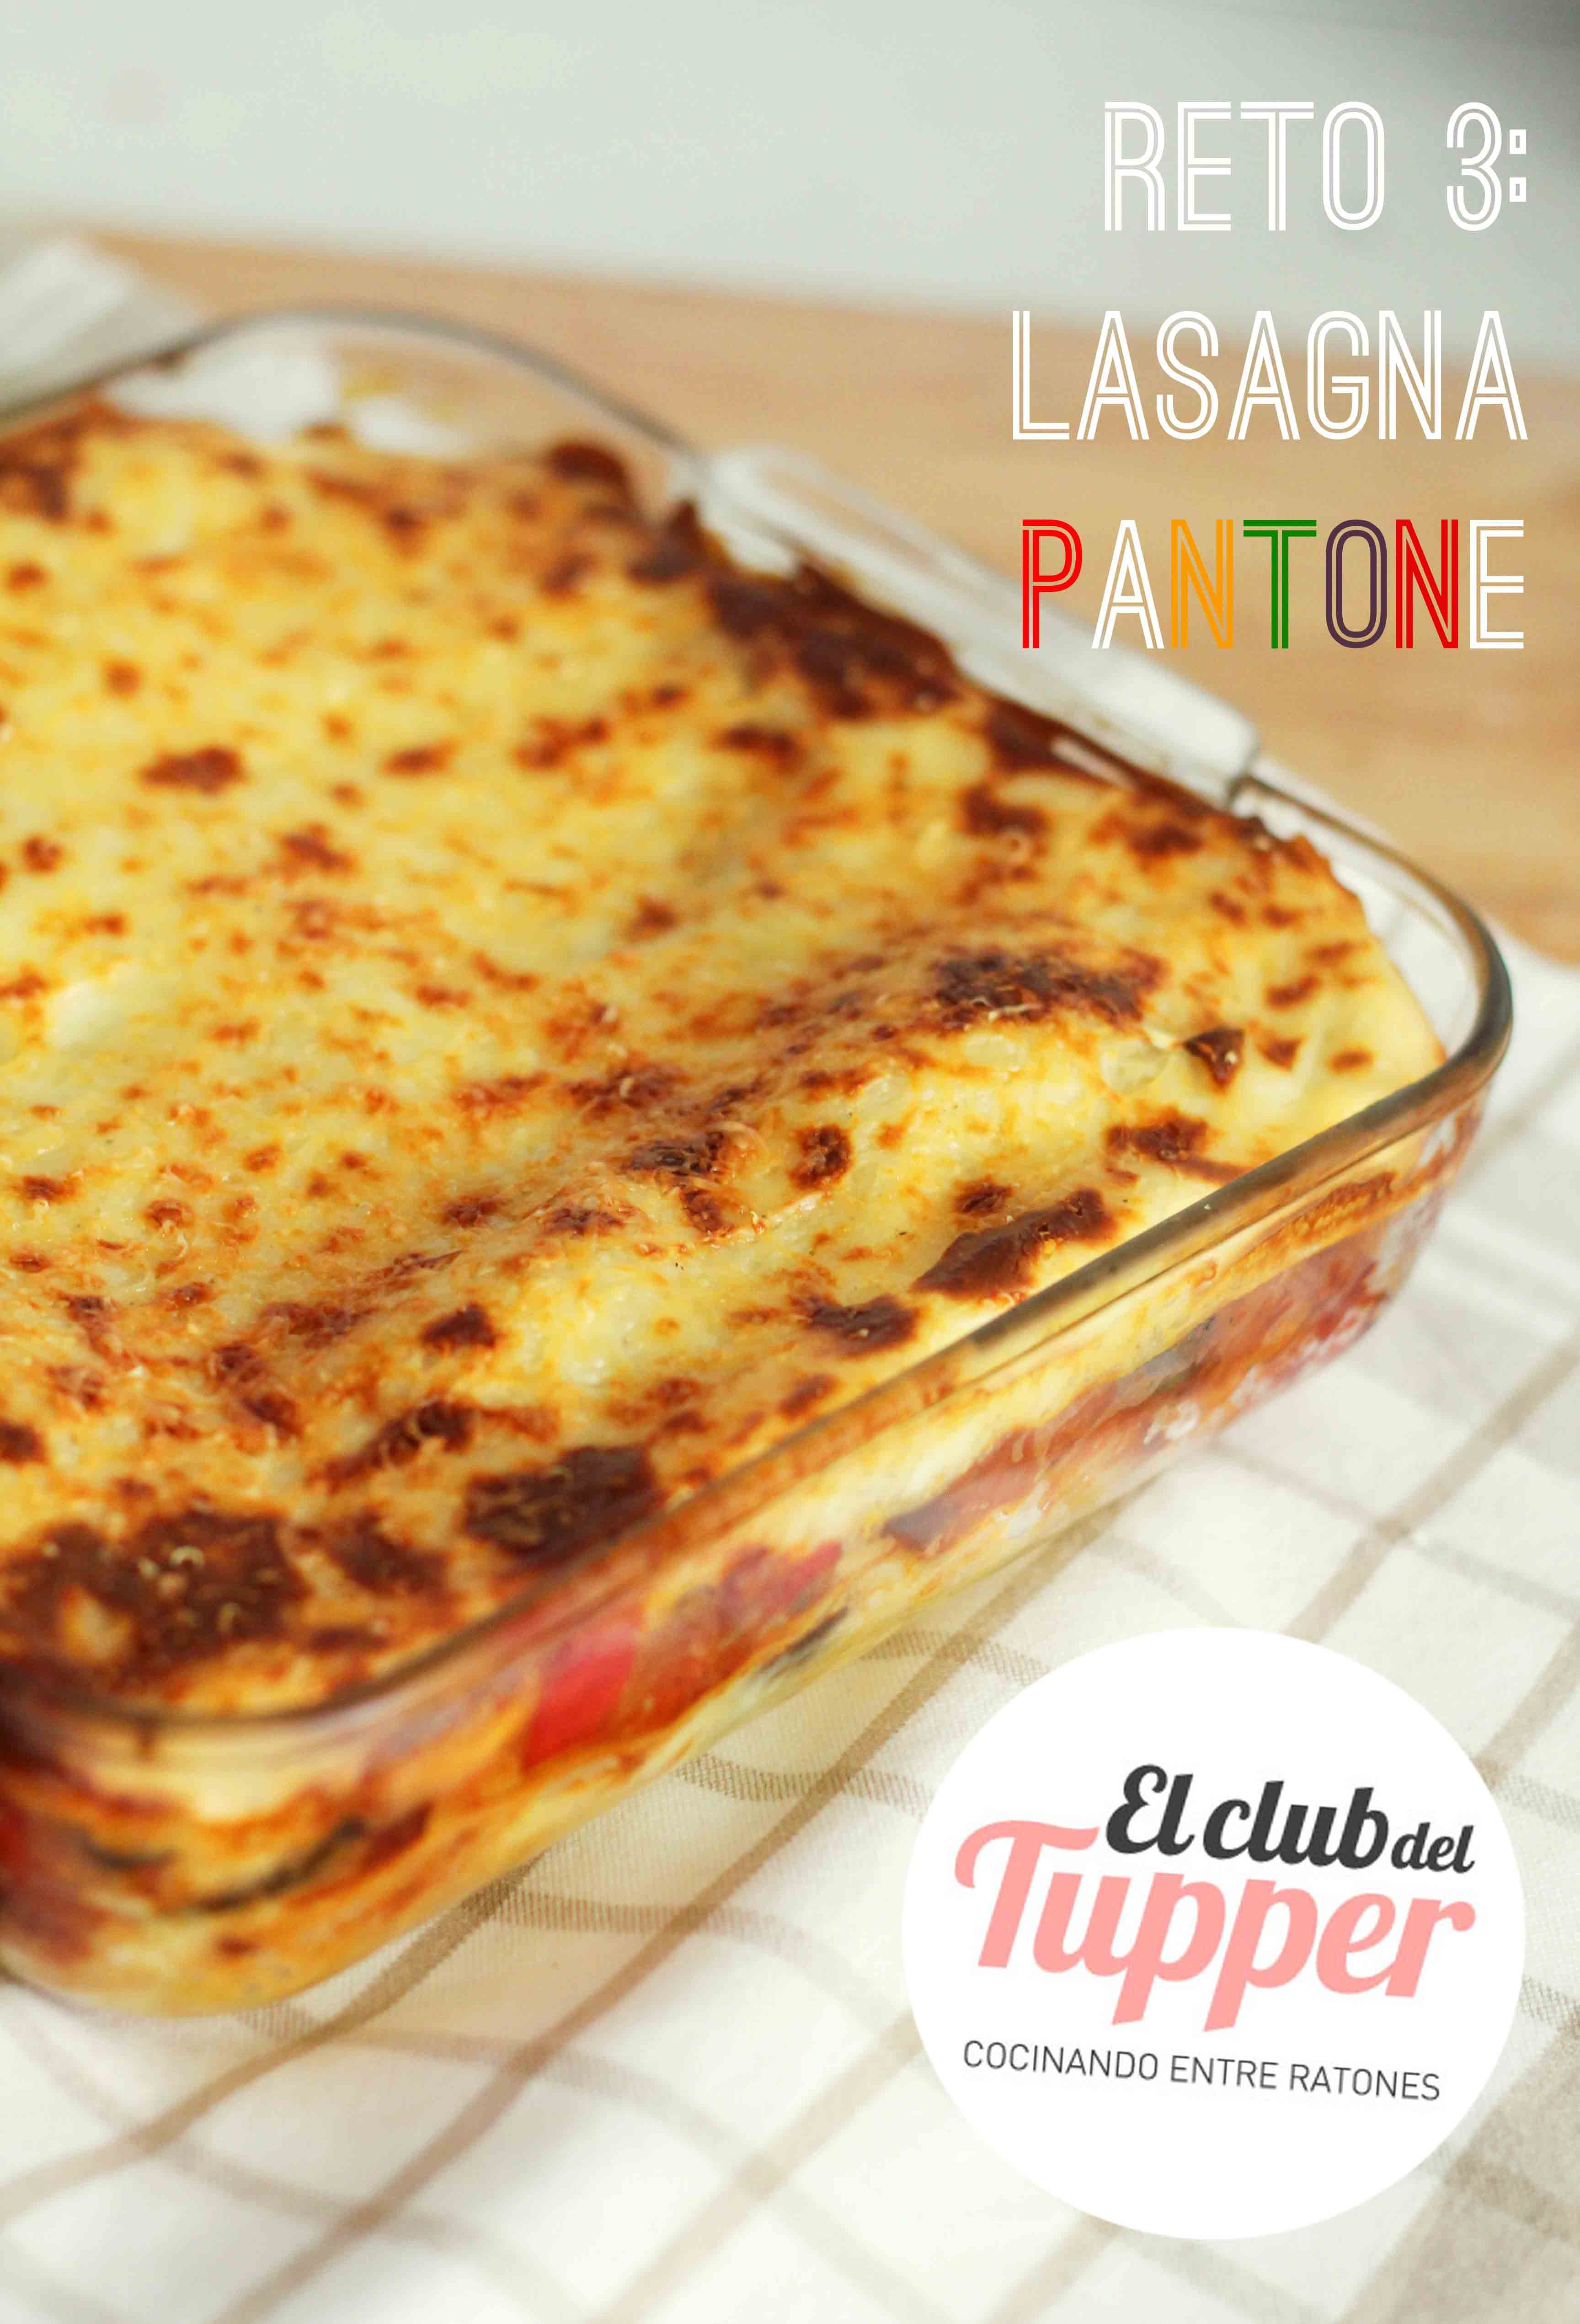 El Club del Tupper: Lasagna Pantone